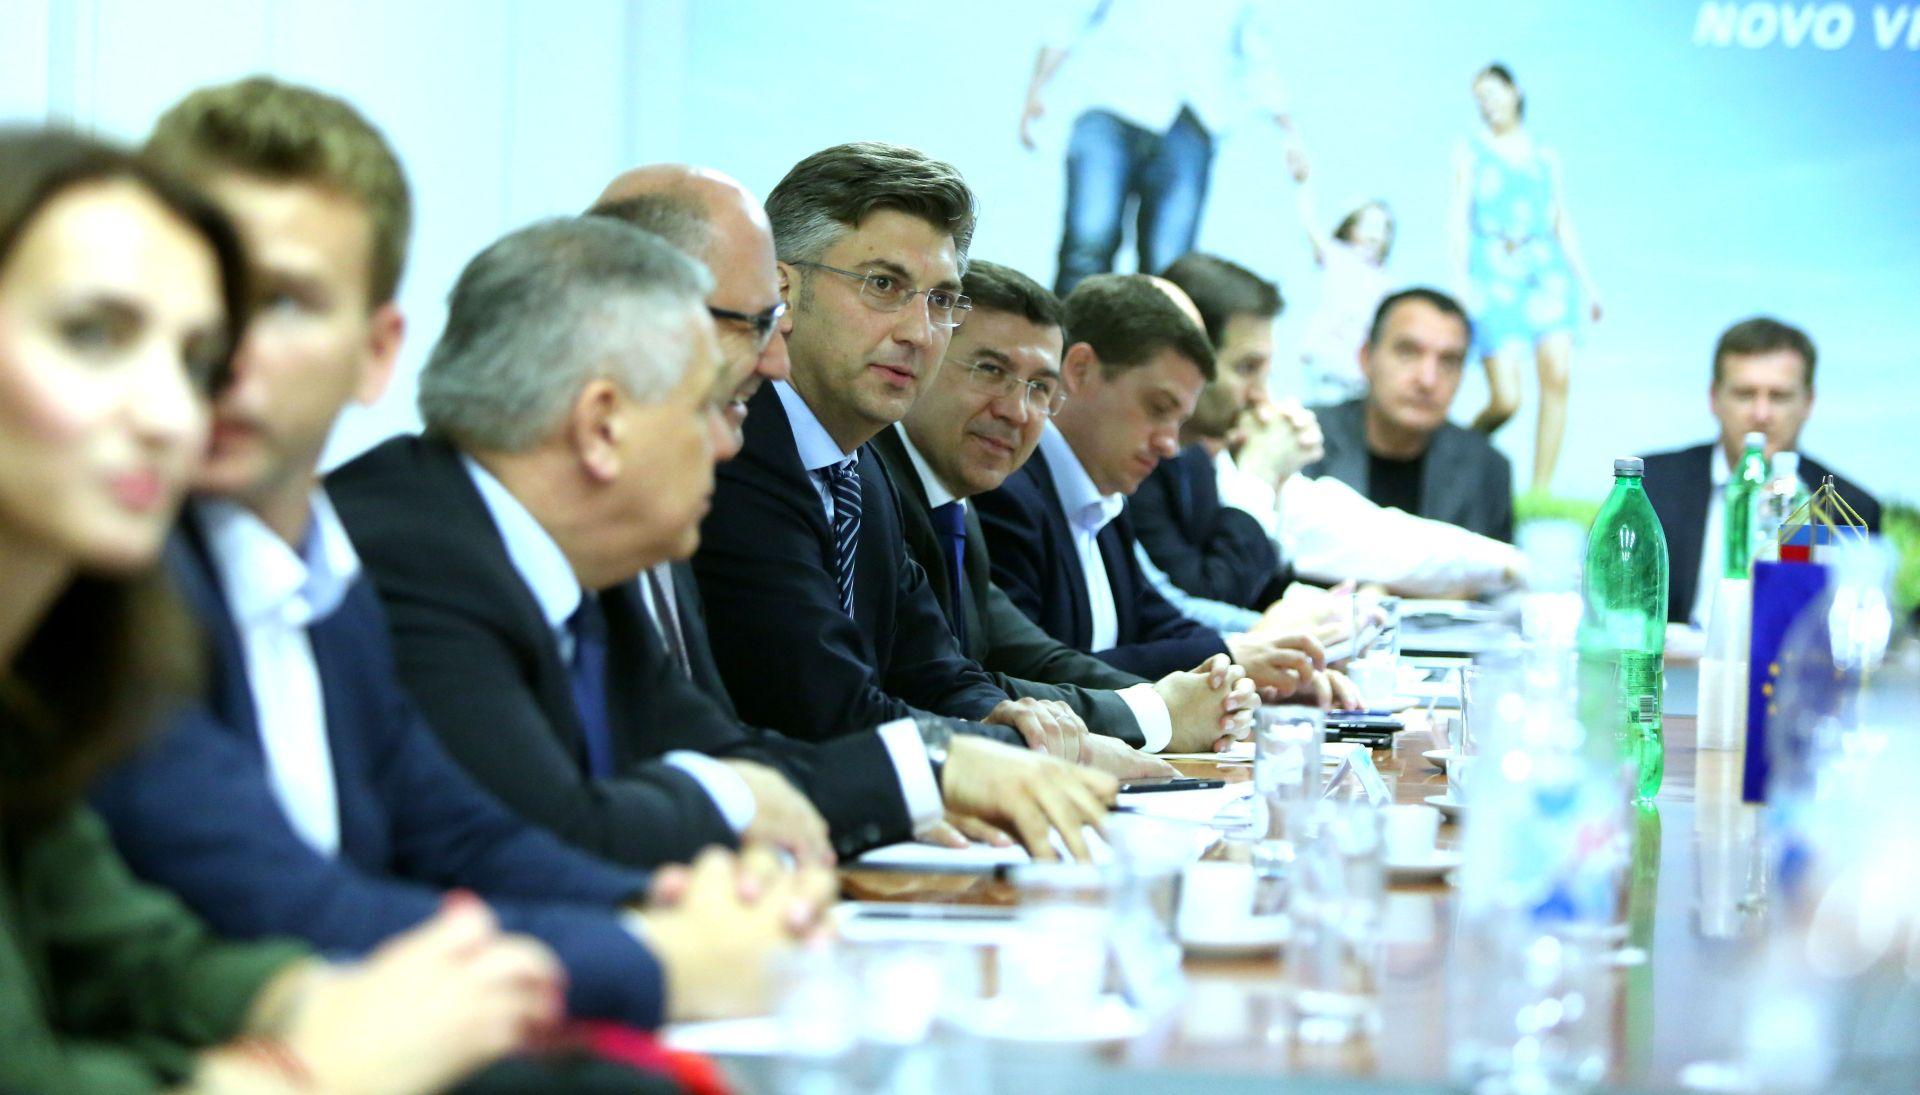 PLENKOVIĆ NOVI PREDSJEDNIK HDZ-a: Izabrani novi tajnici stranke